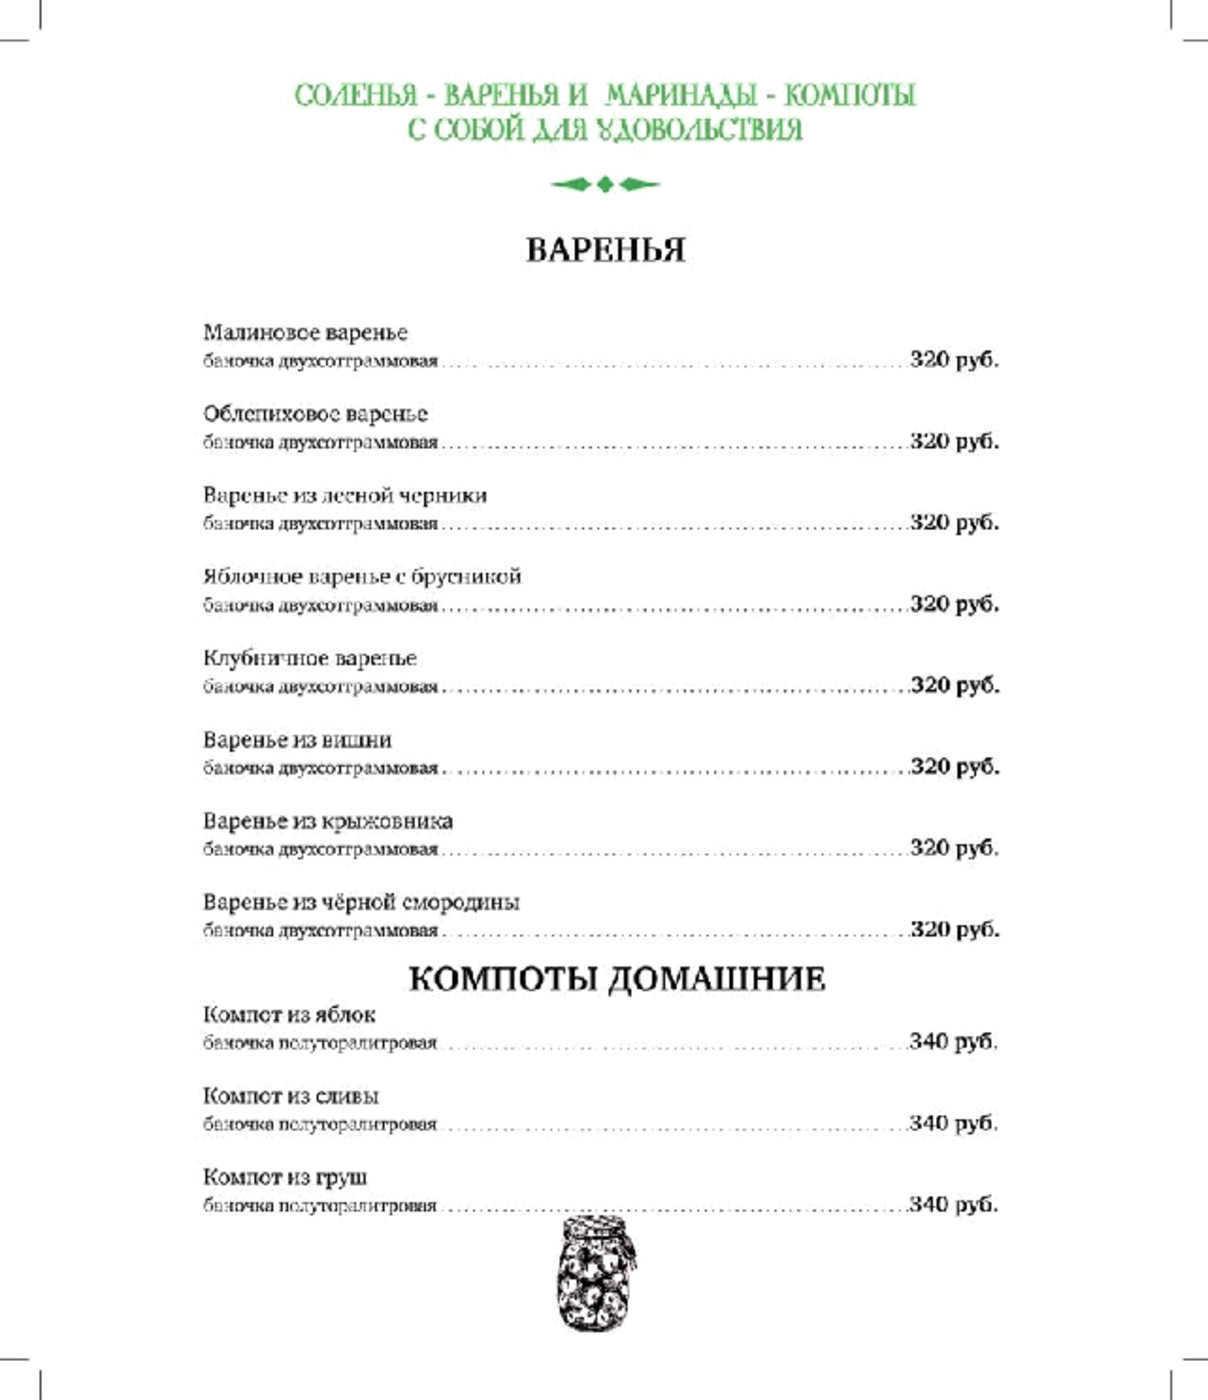 Меню ресторана Соленья-Варенья (бывш. XIX век) на Средней улице